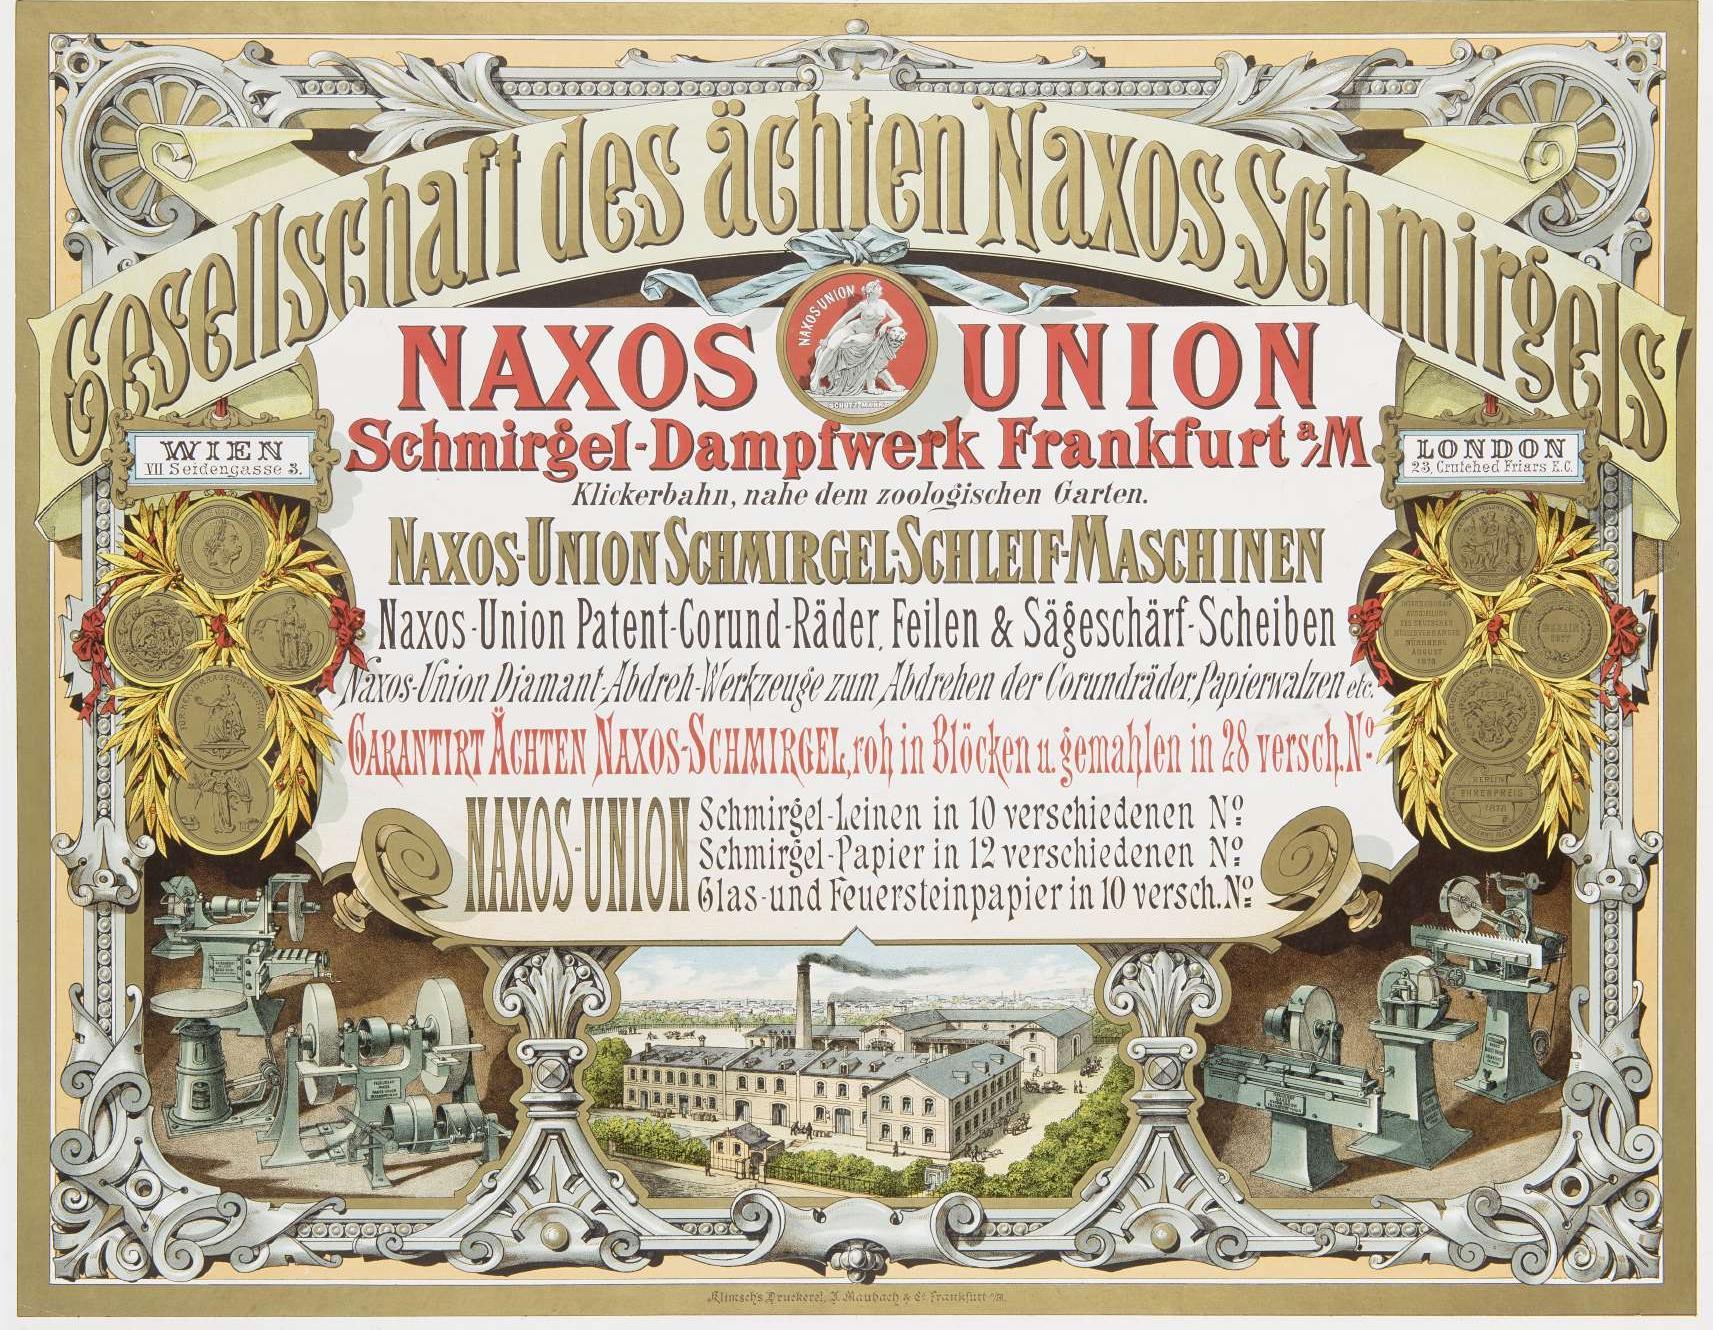 Plakat der Gesellschaft des ächten Naxos Schmirgels, 1880